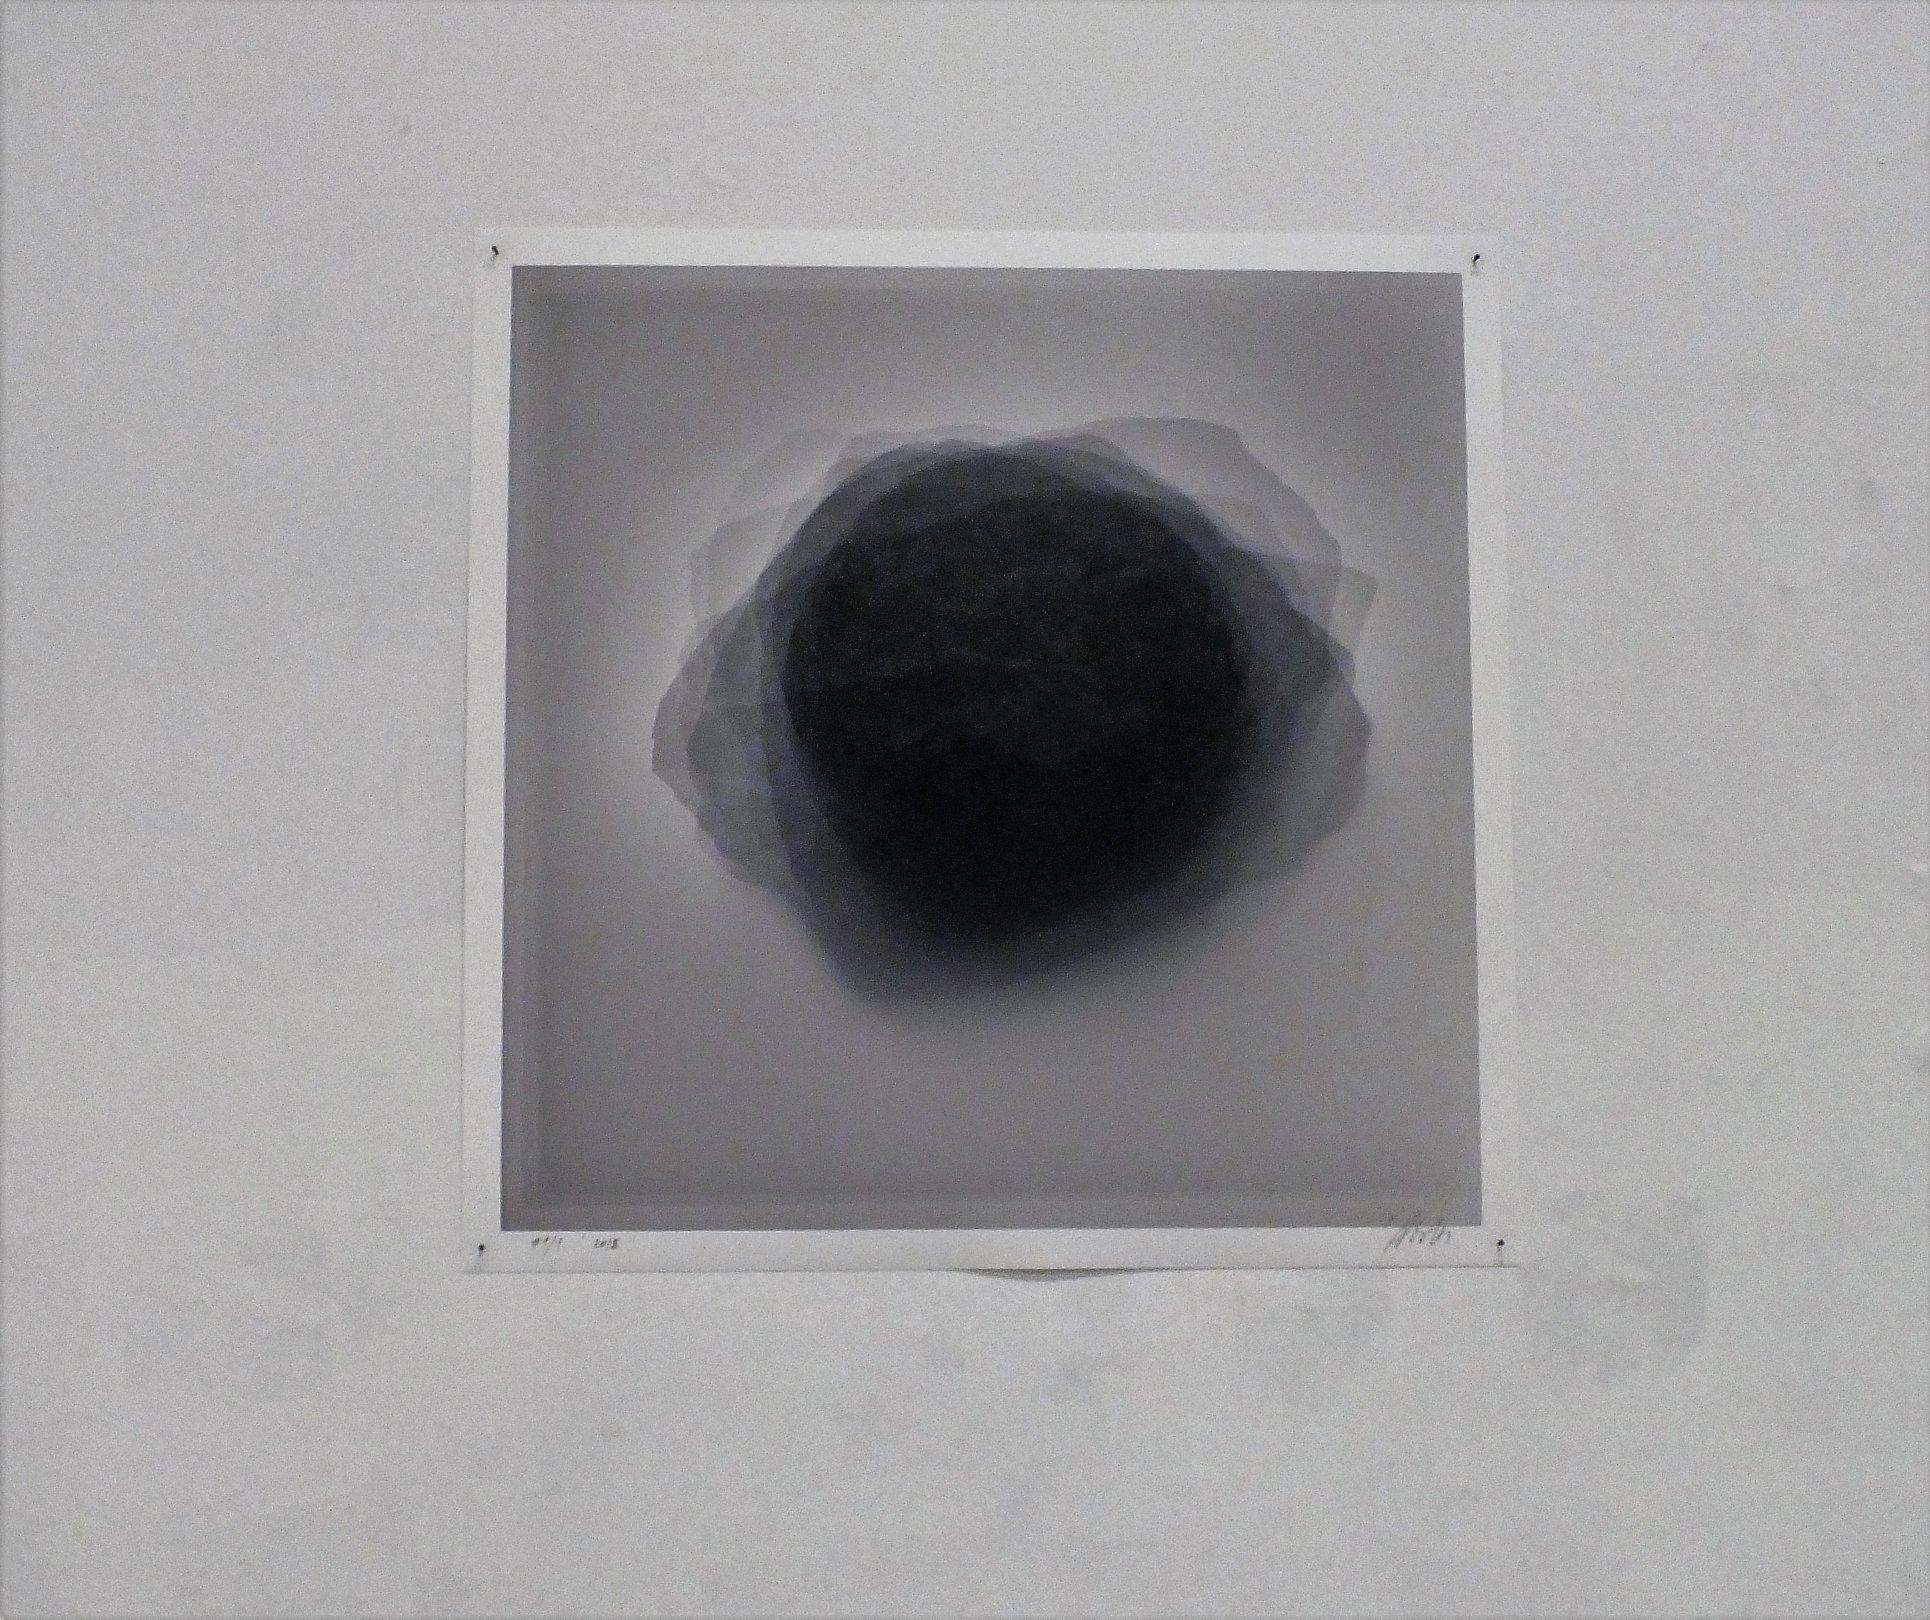 """Dovilė Dagienė.  """"Viltis # 1: meteoritai, kurių  autentiškumas nebuvo patvirtintas"""".  Iš parodos """"Mokslas ir gyvenimas""""  (VDA """"Titanikas"""").  gyčio norvilo nuotrauka"""